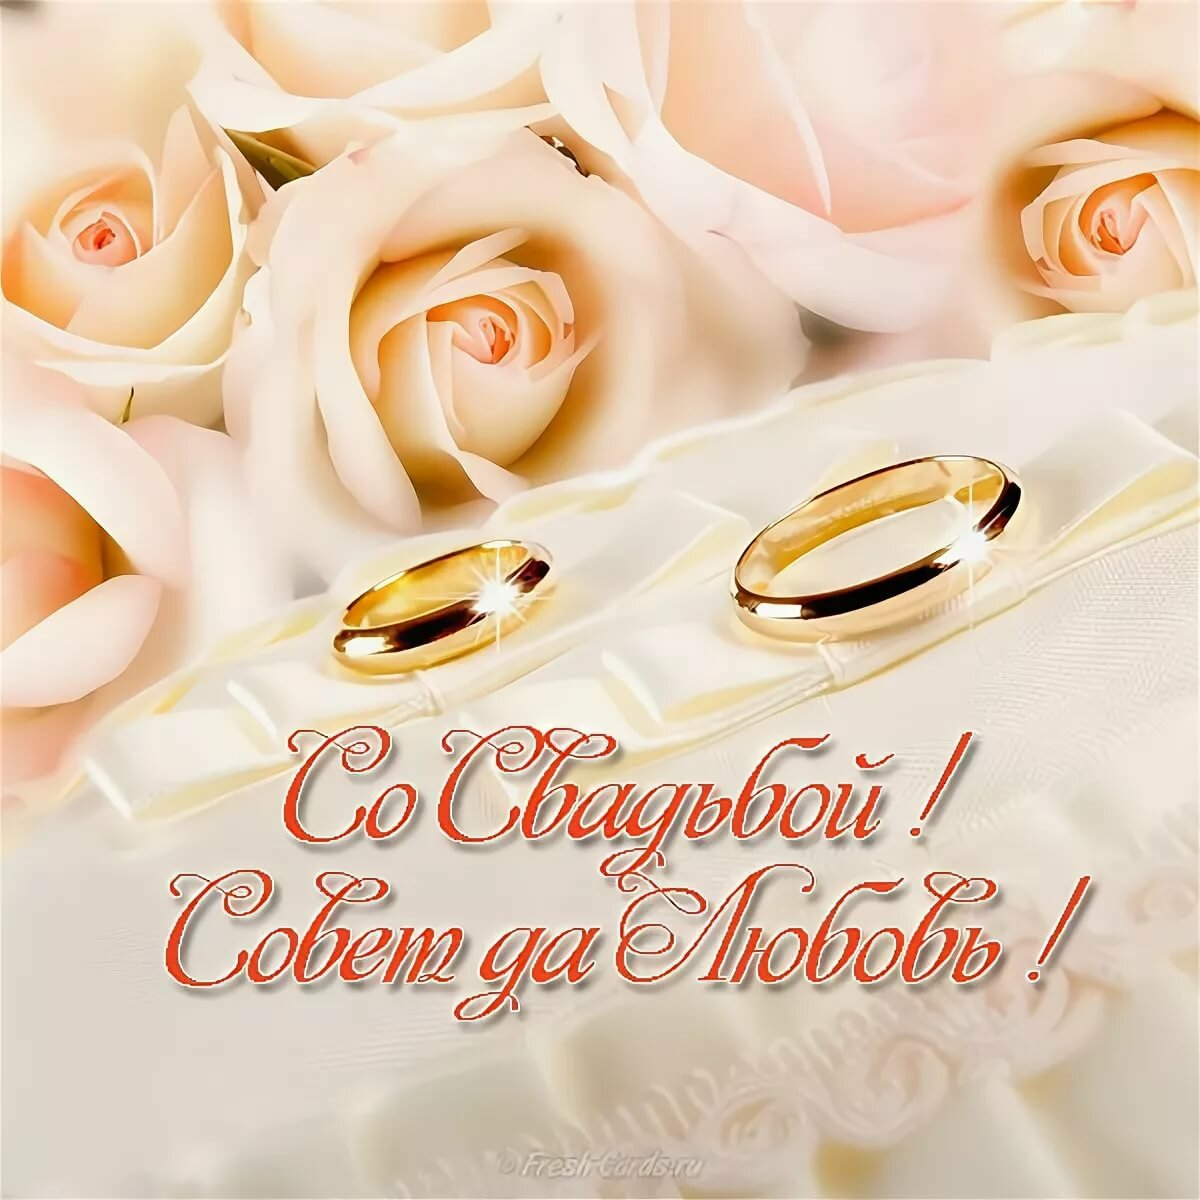 поздравление в зале бракосочетания цветка подходит нейтральная